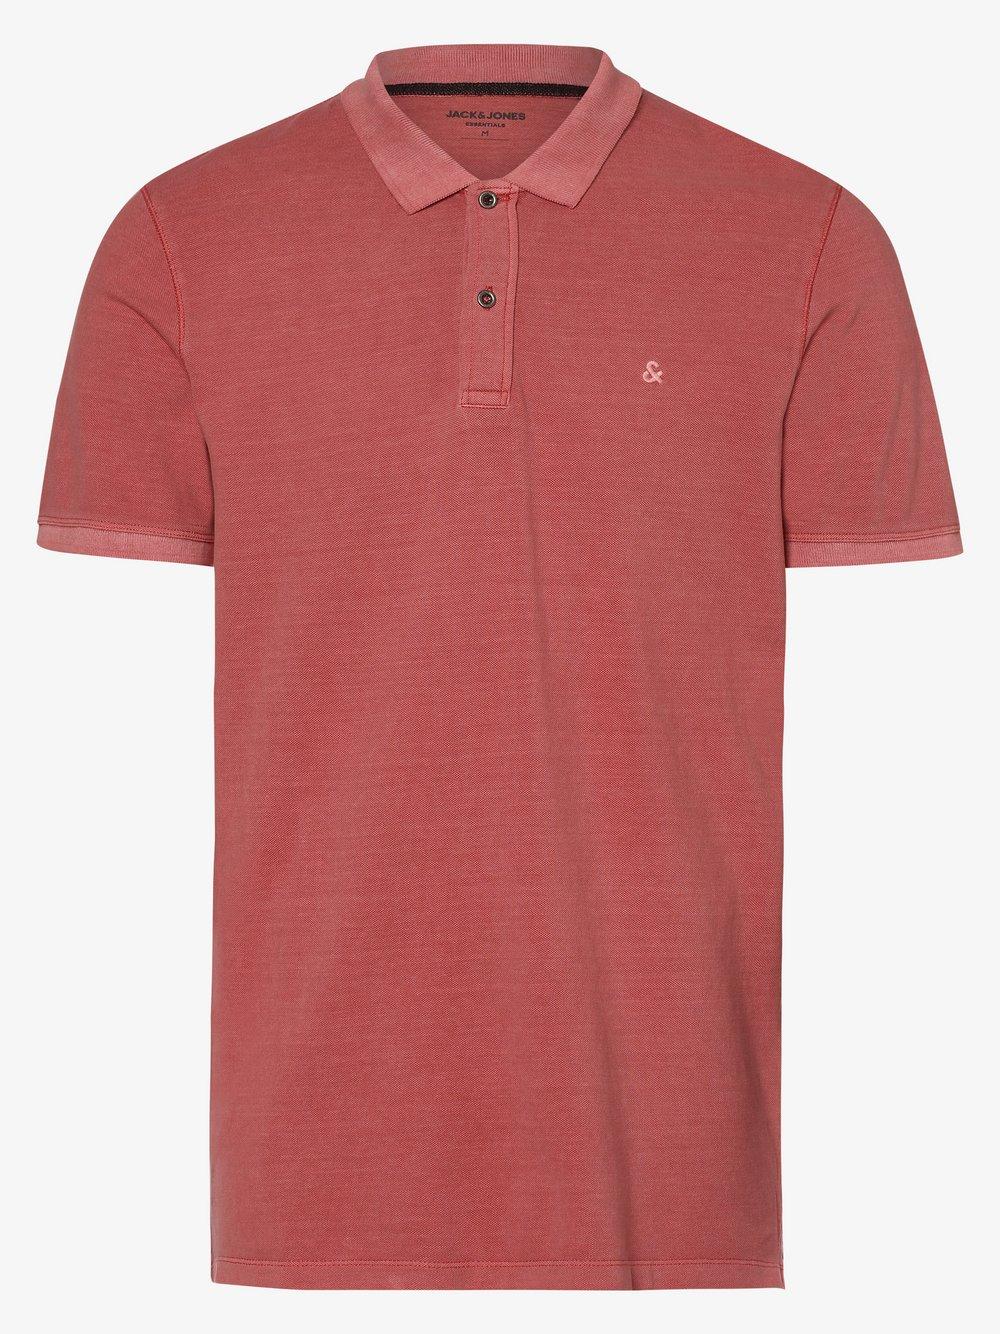 Jack & Jones - Męska koszulka polo – JJEwashed, różowy